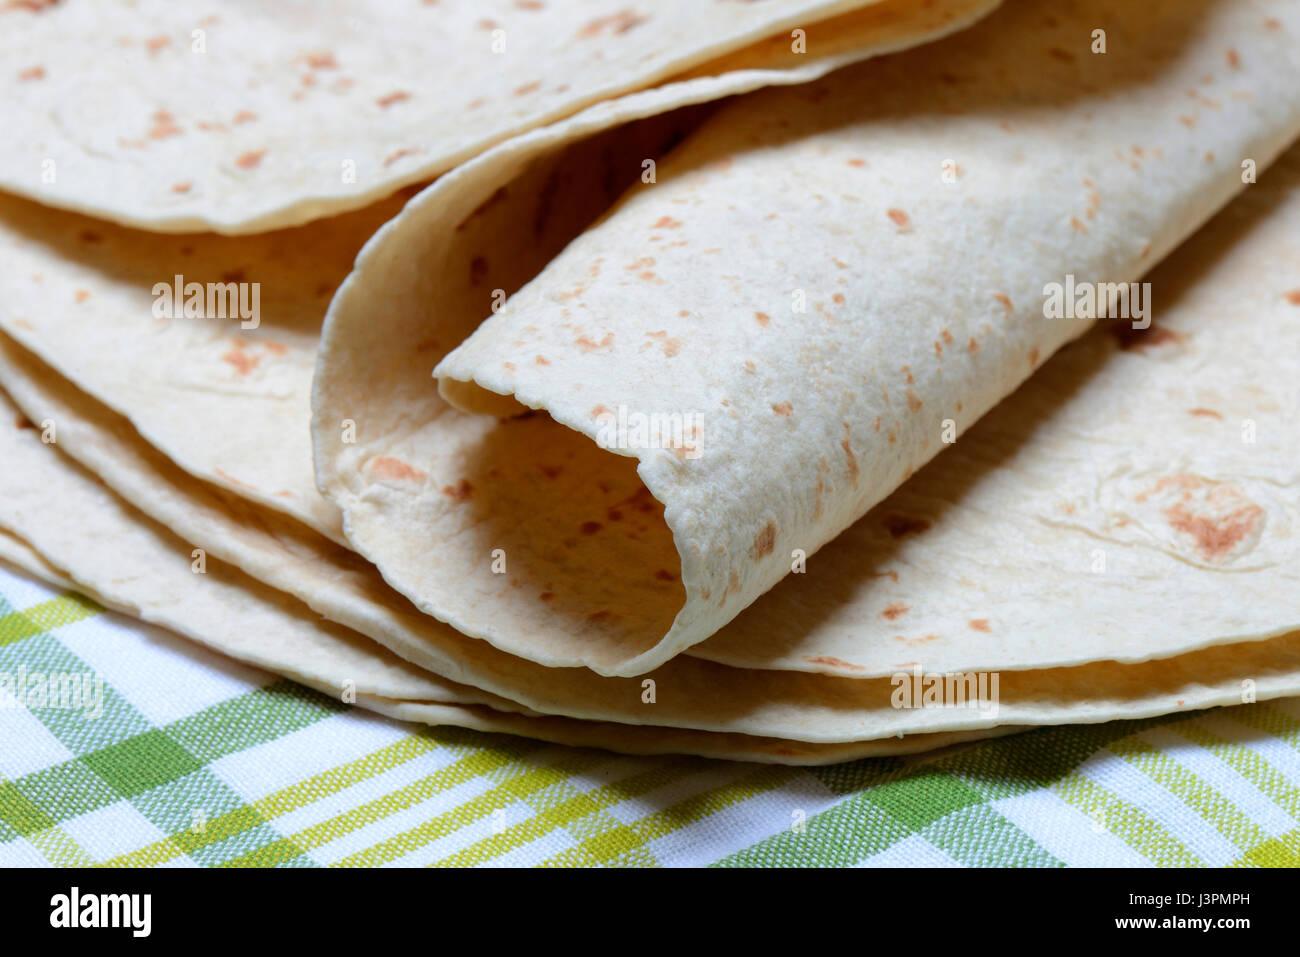 Tortilla, Tortillas, Mexiko, mexikanisch, mexikanische - Stock Image